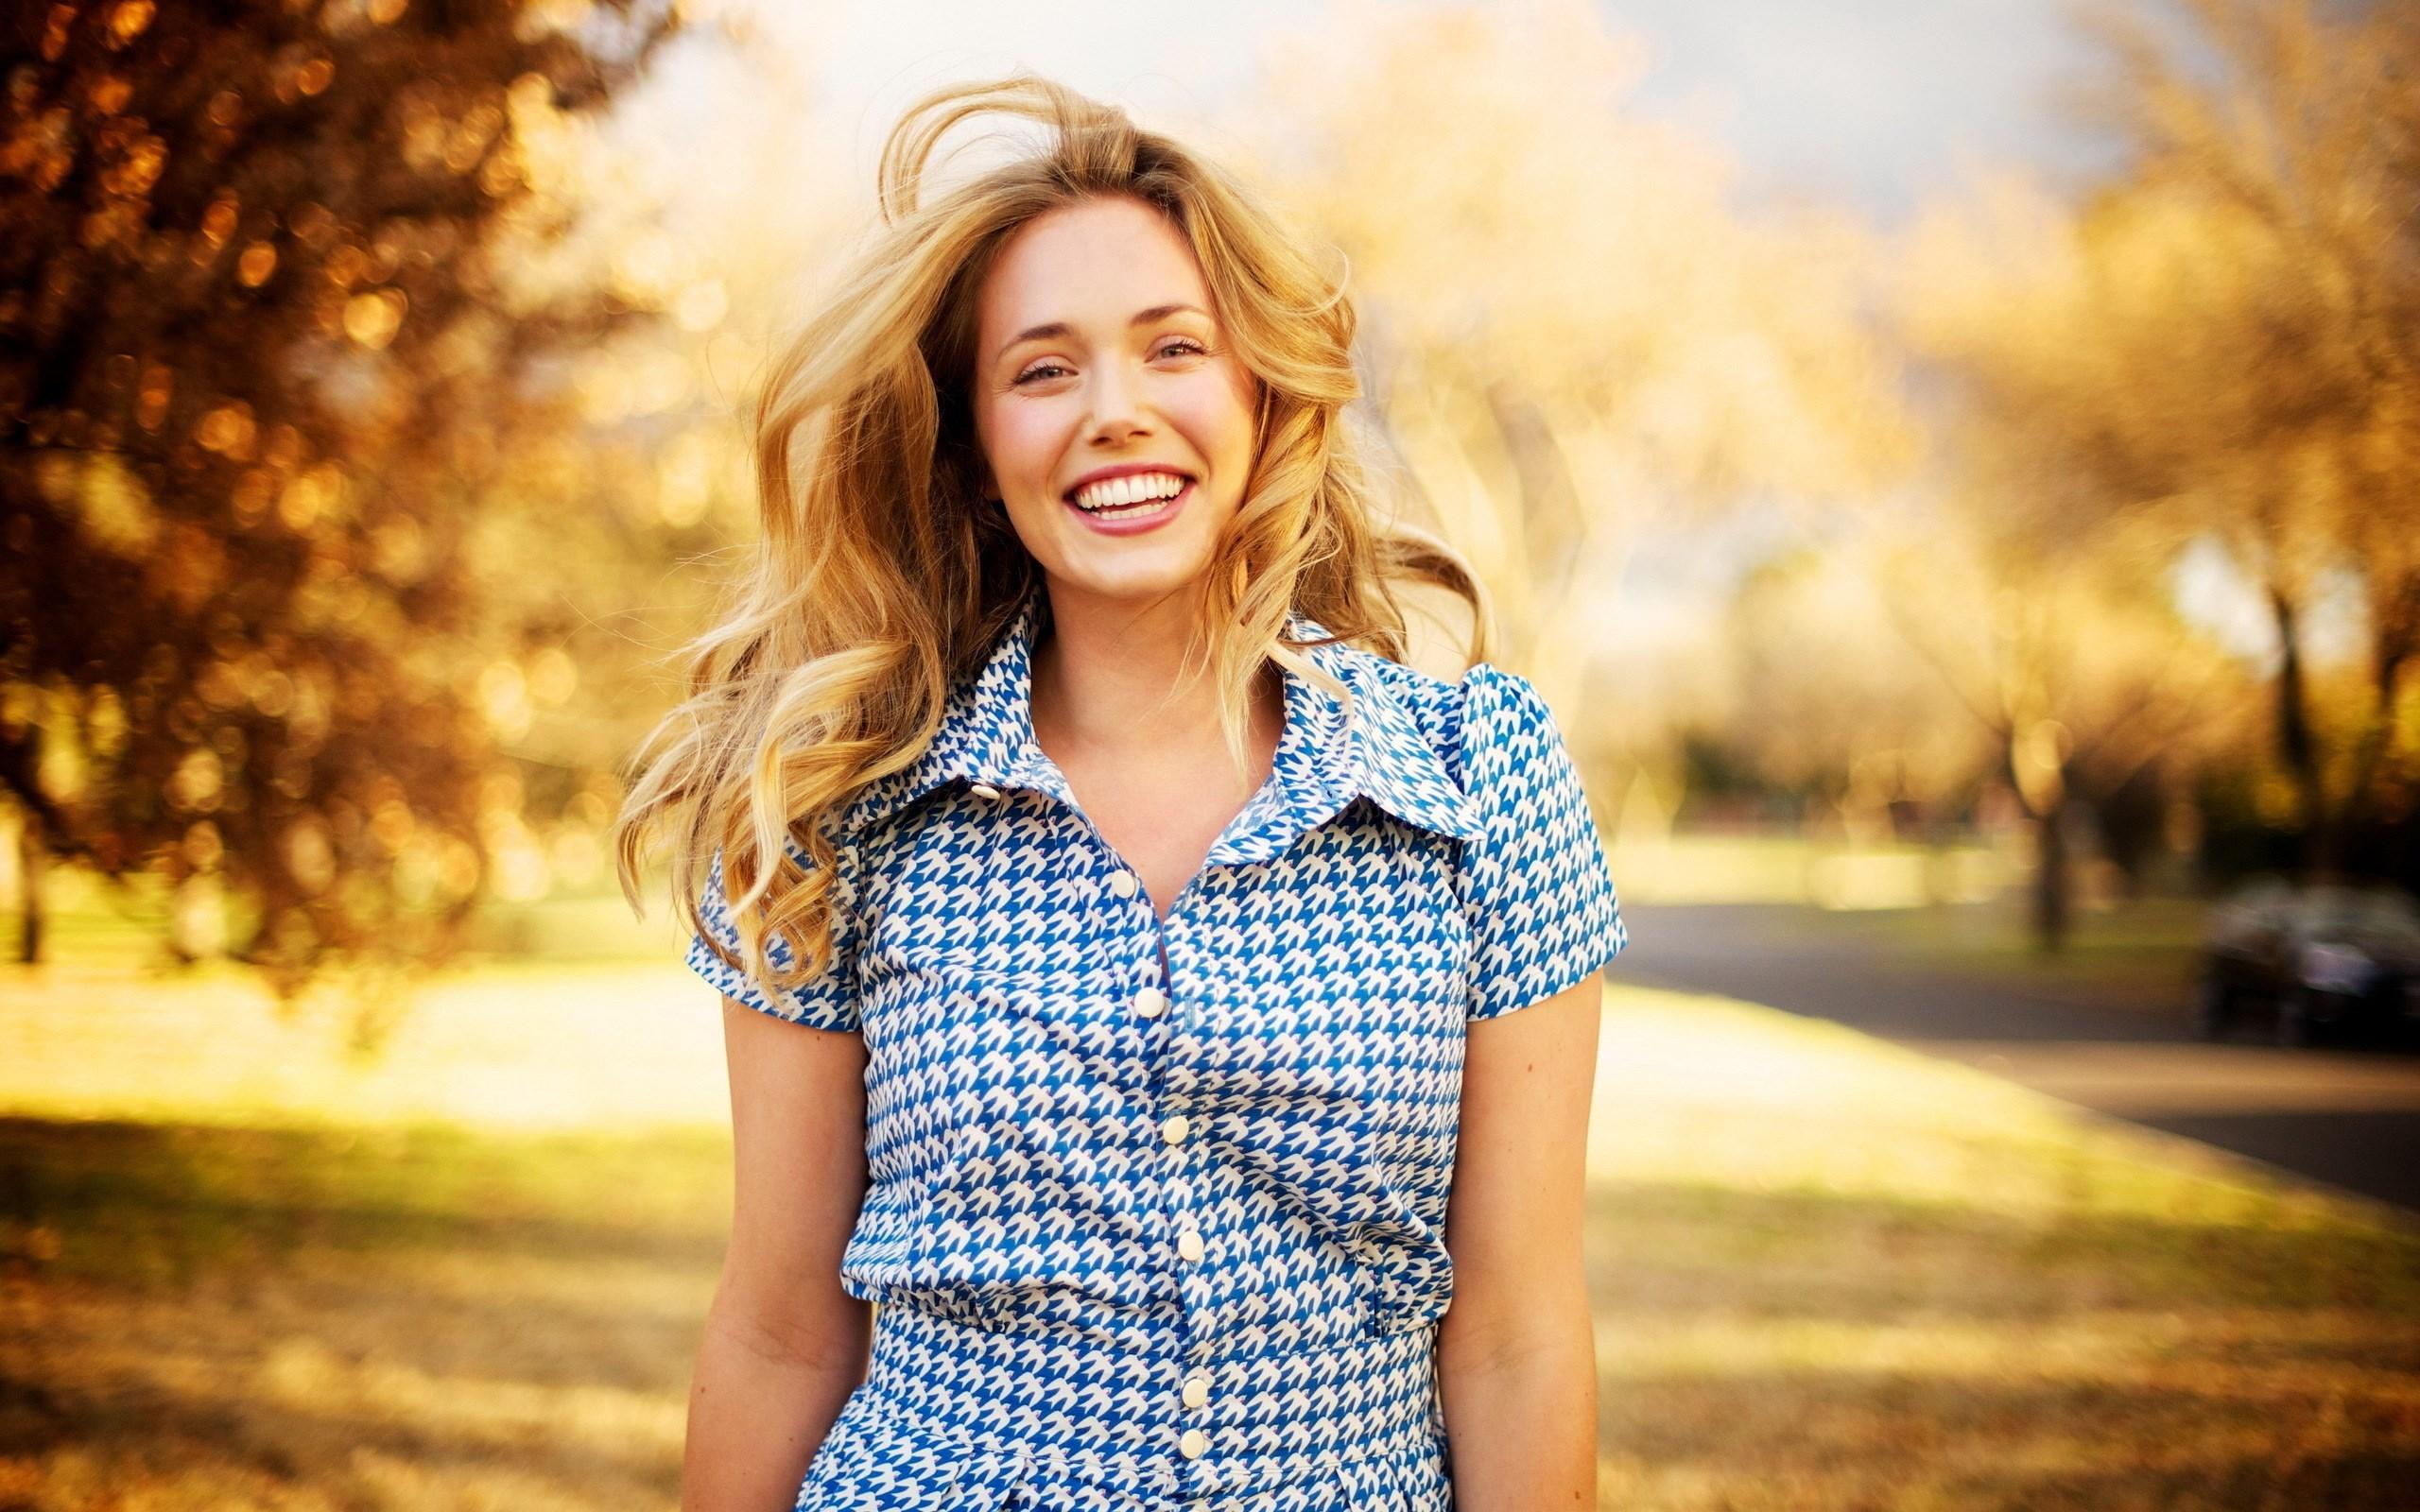 Girl Smile Mood #6978482